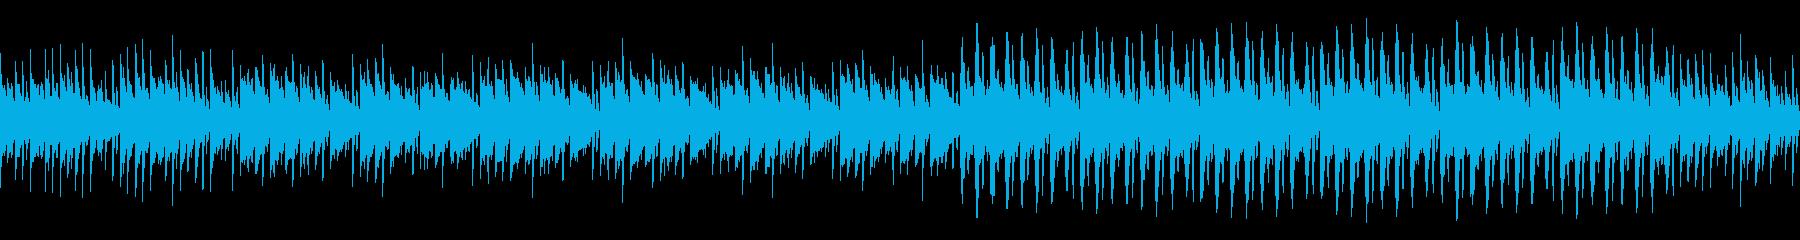 ポップなBGMアレンジの再生済みの波形